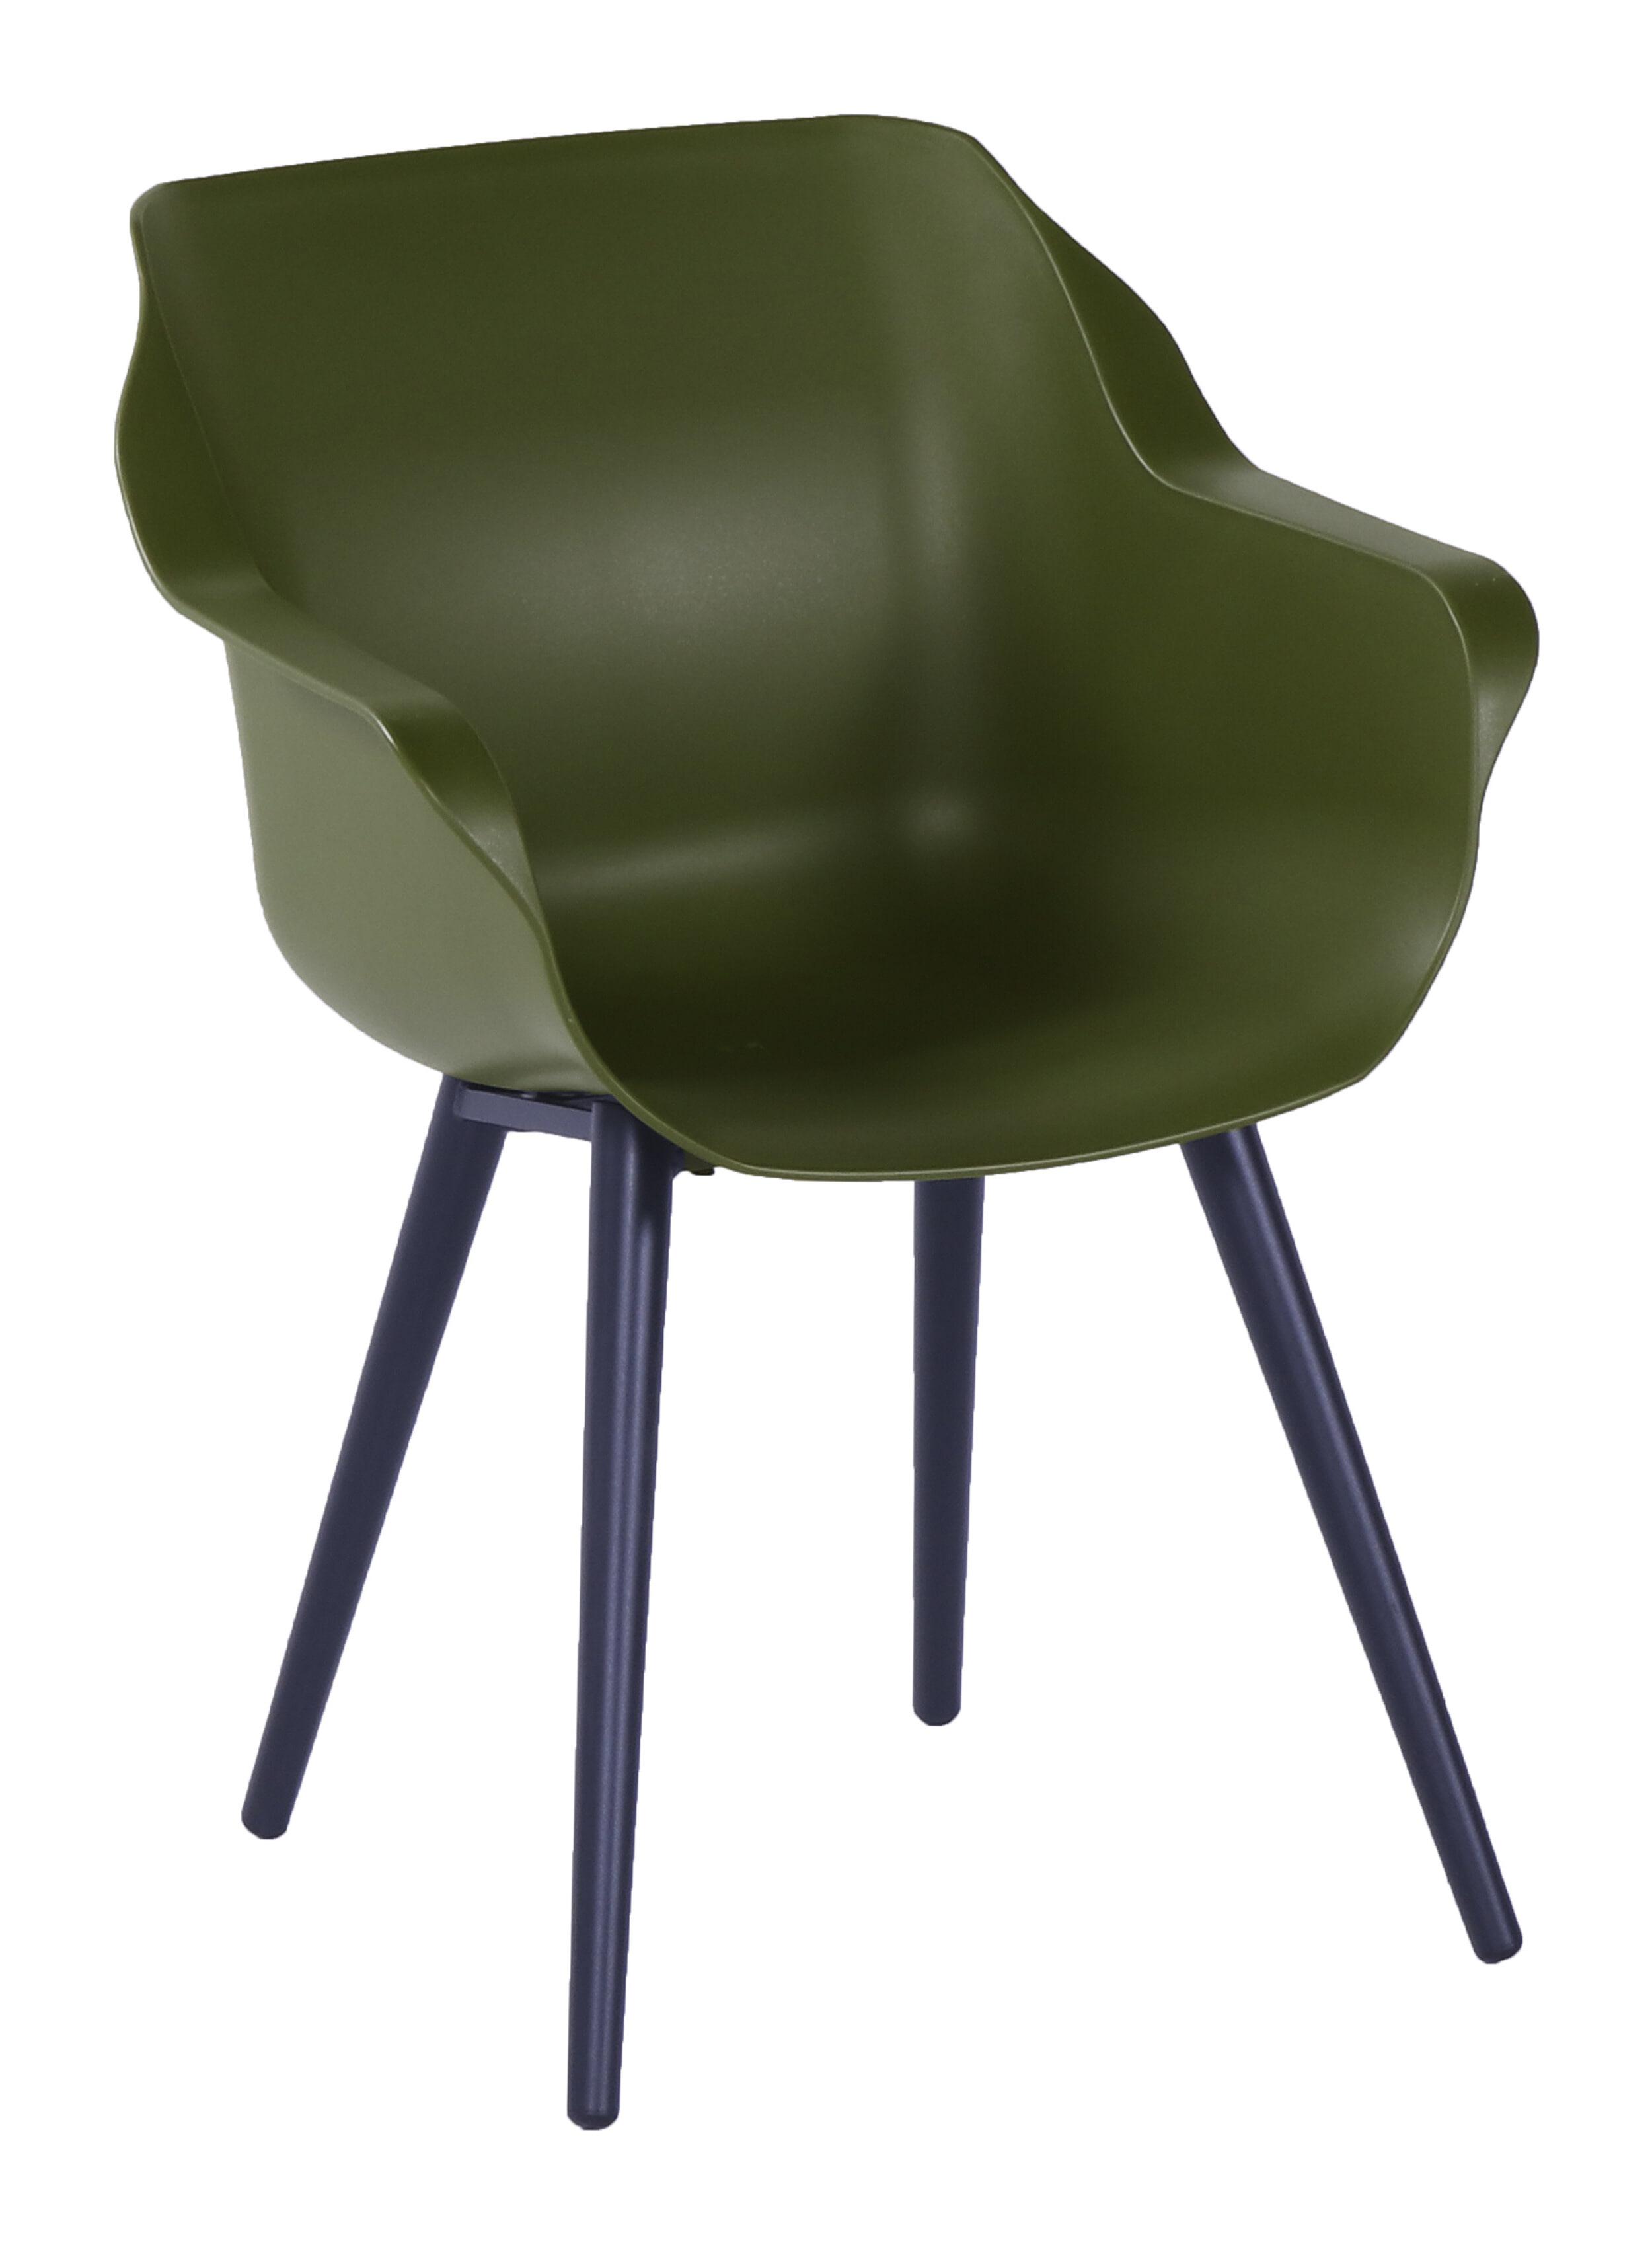 Hartman Tuinstoel 'Sophie Studio' met armleuning, kleur Groen